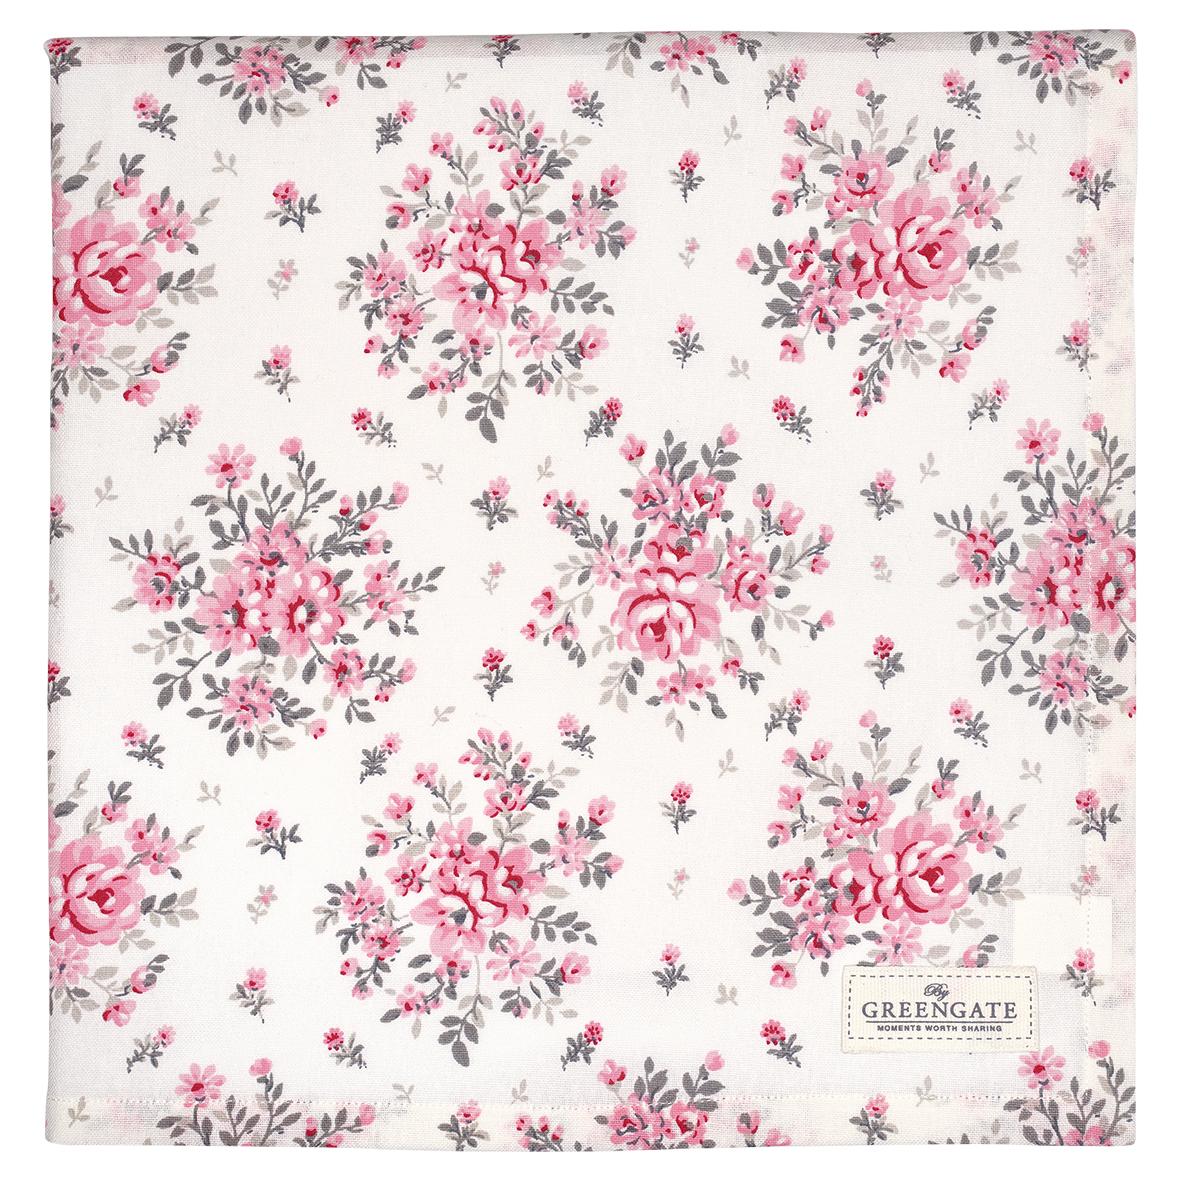 Greengate tischdecke flora white 140 x 140